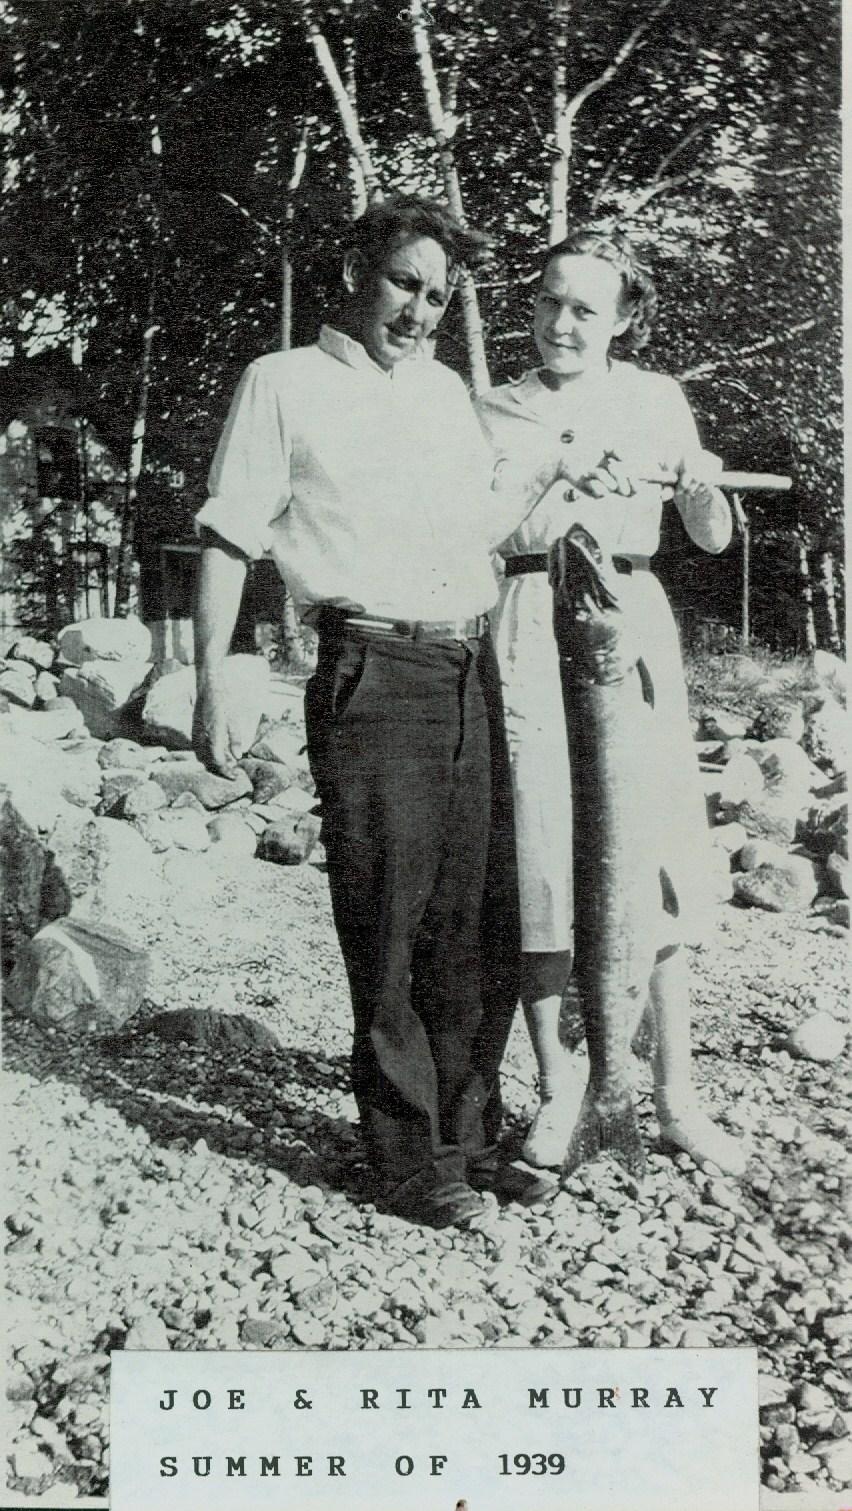 Joe & Rita Murray 1939